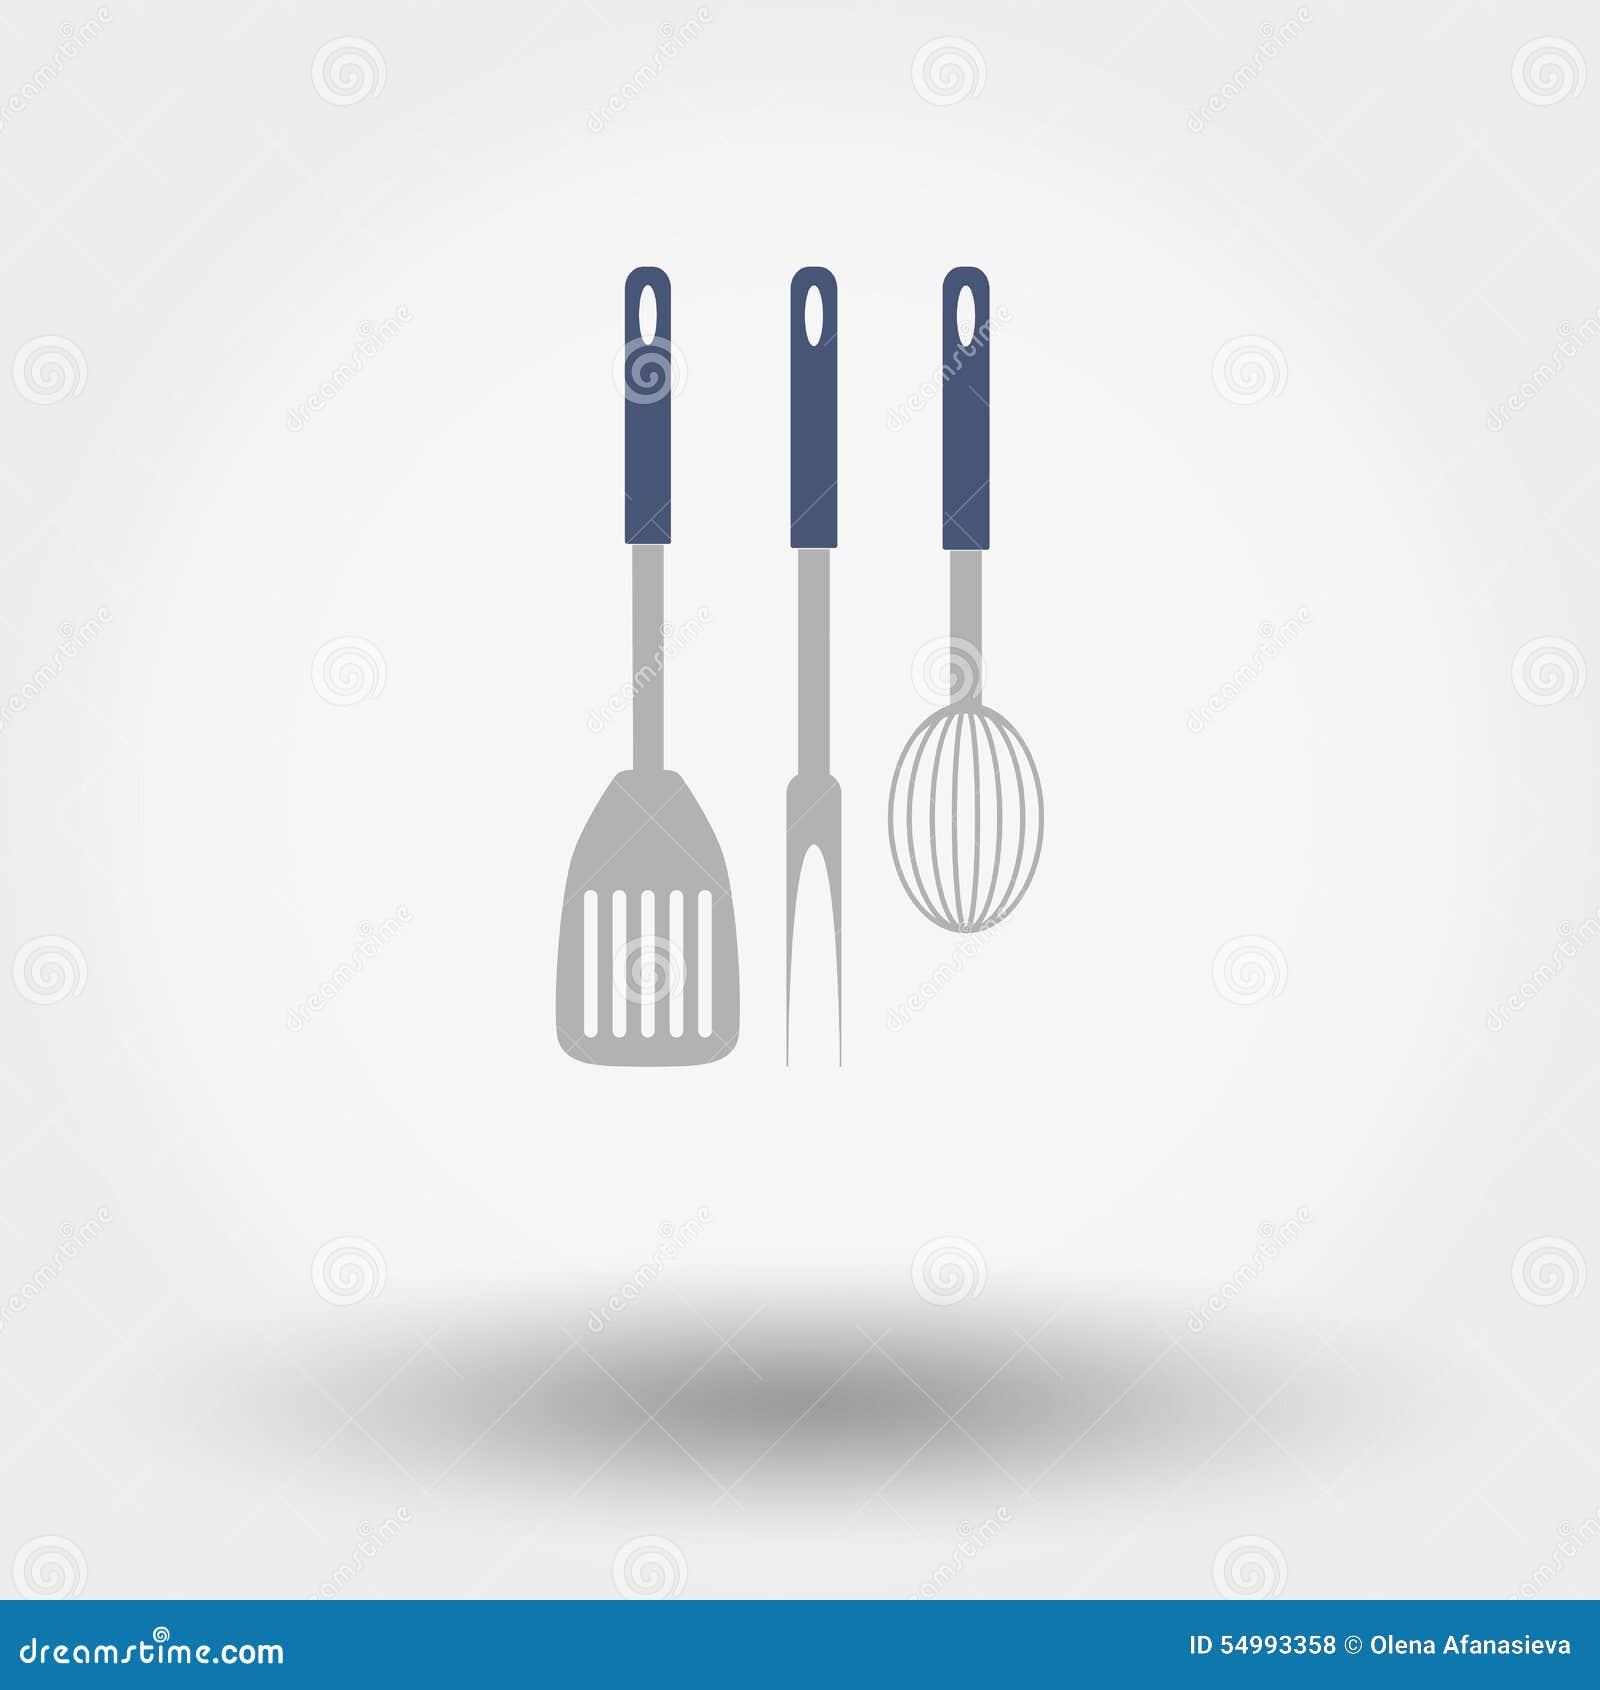 Kuchnia wytłacza wzory sylwetki